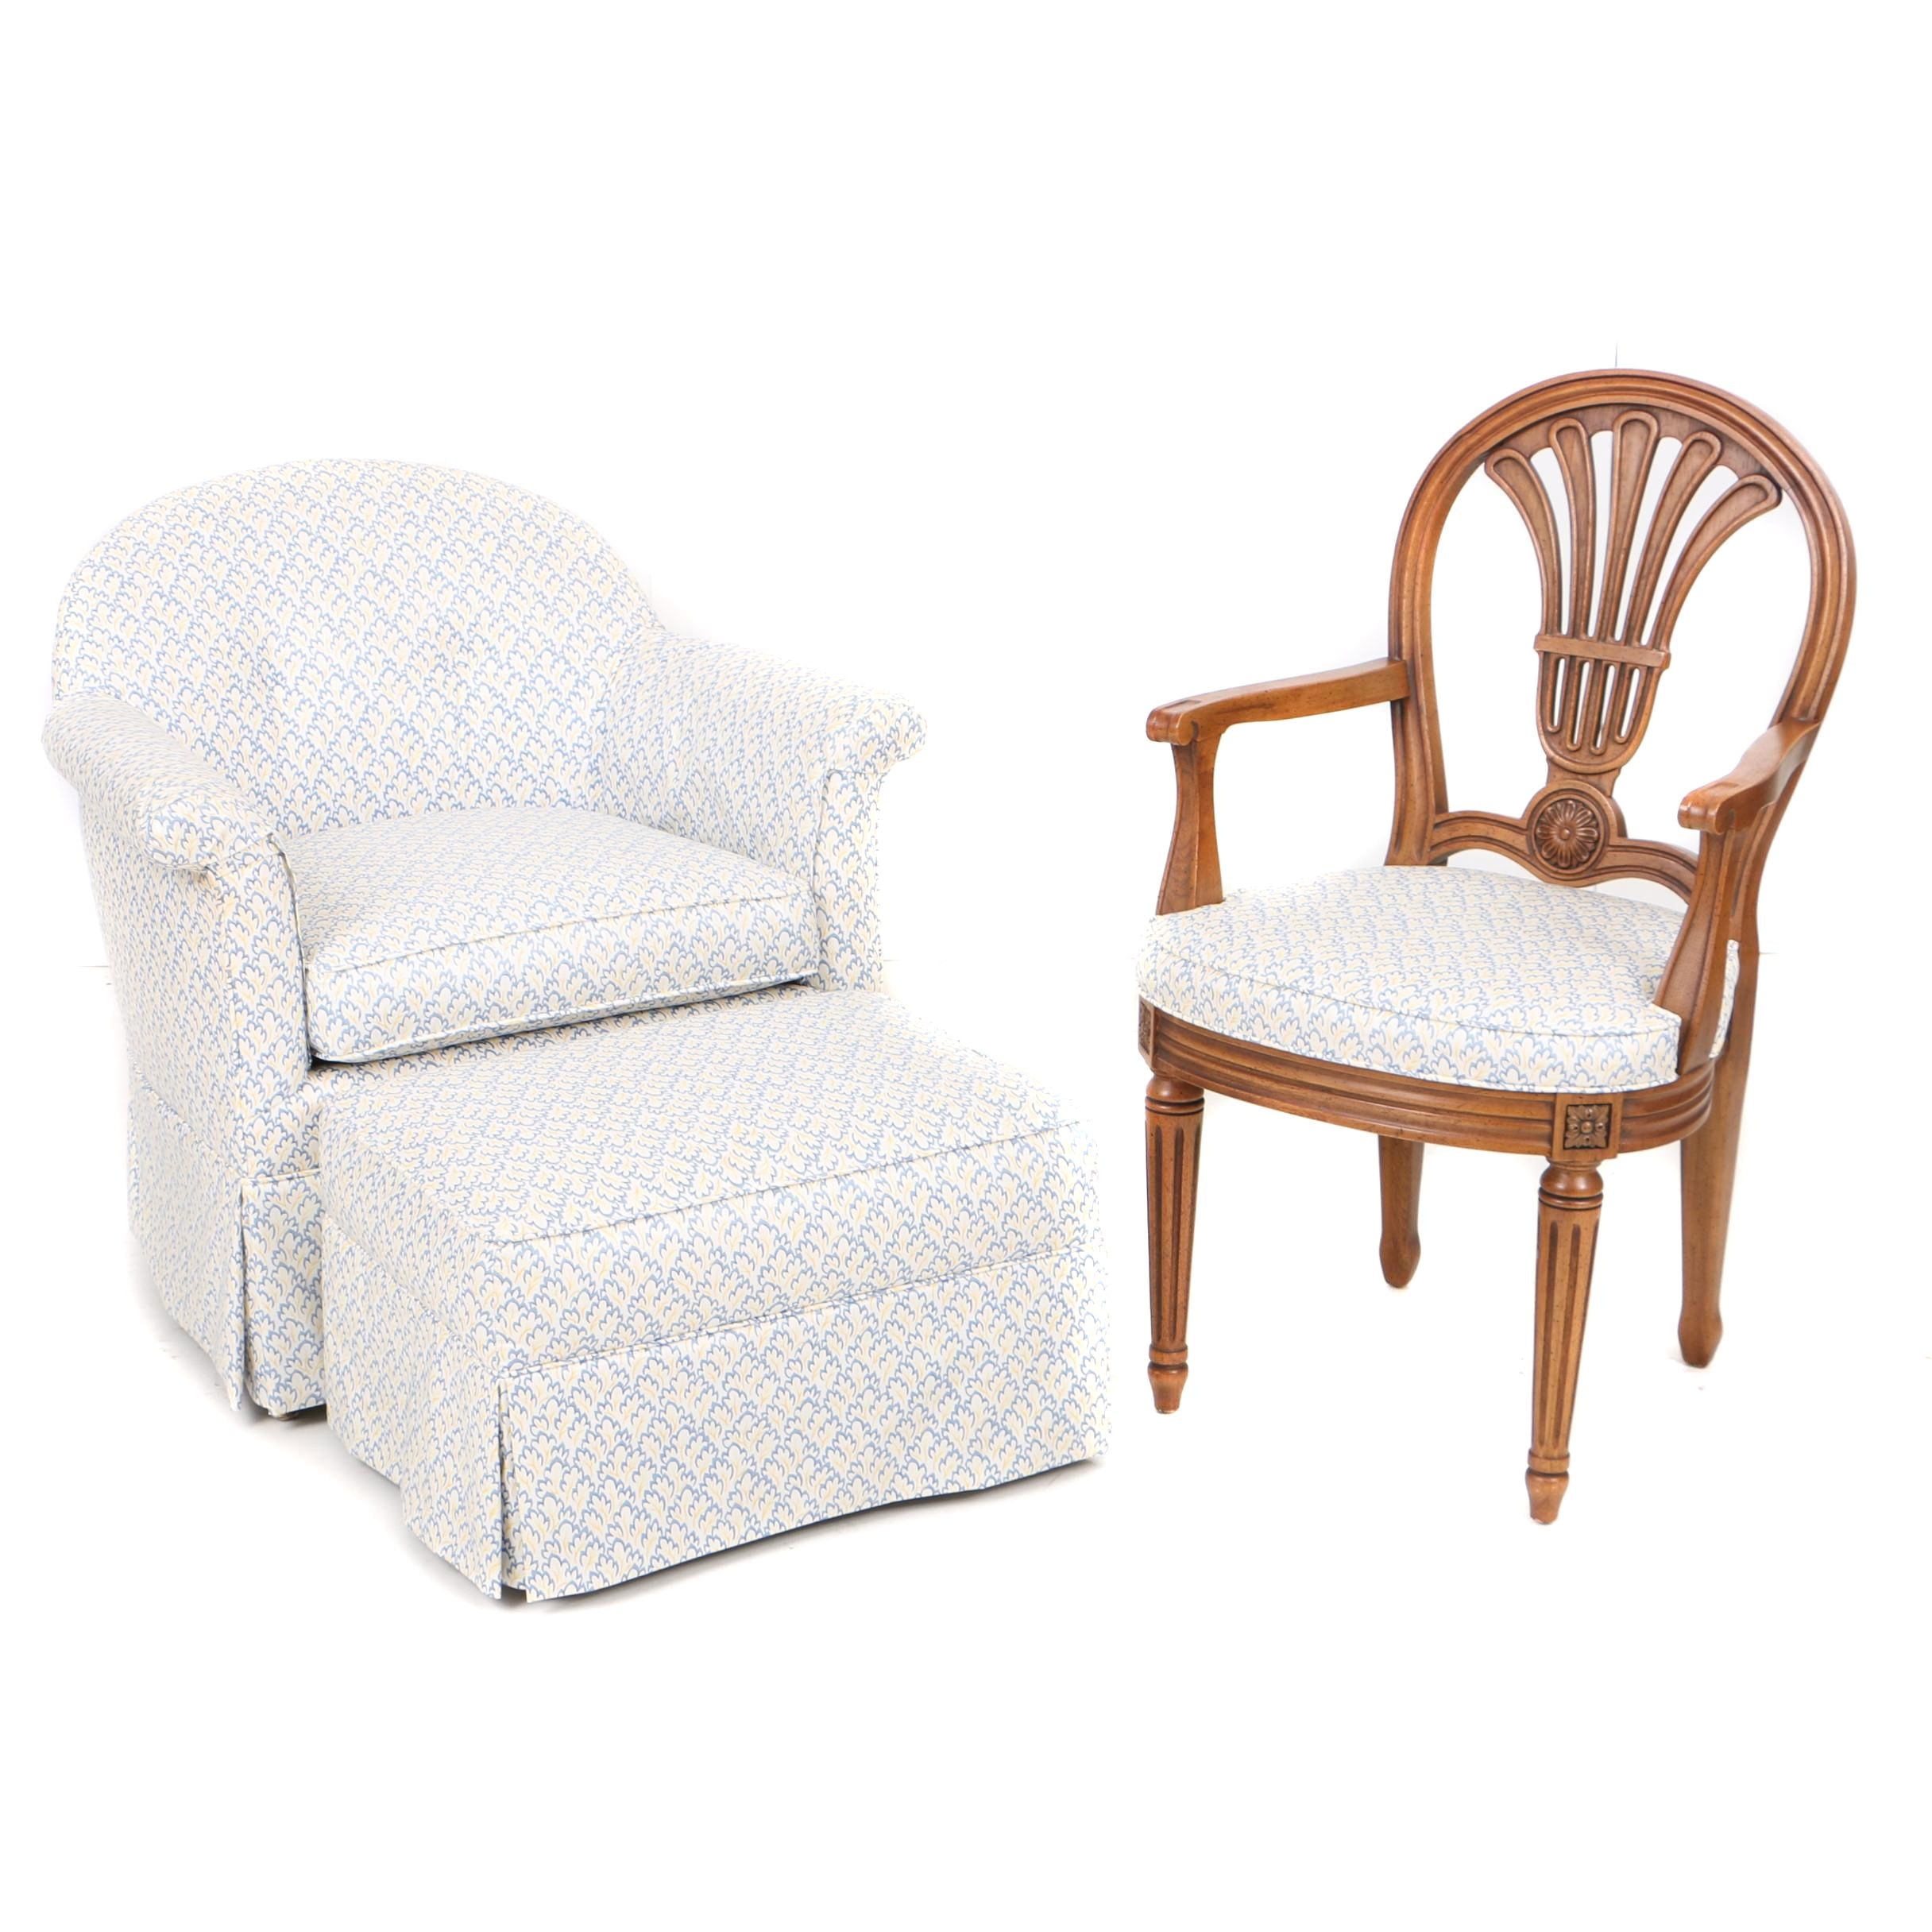 Custom-Upholstered Seating Group, Including Henredon